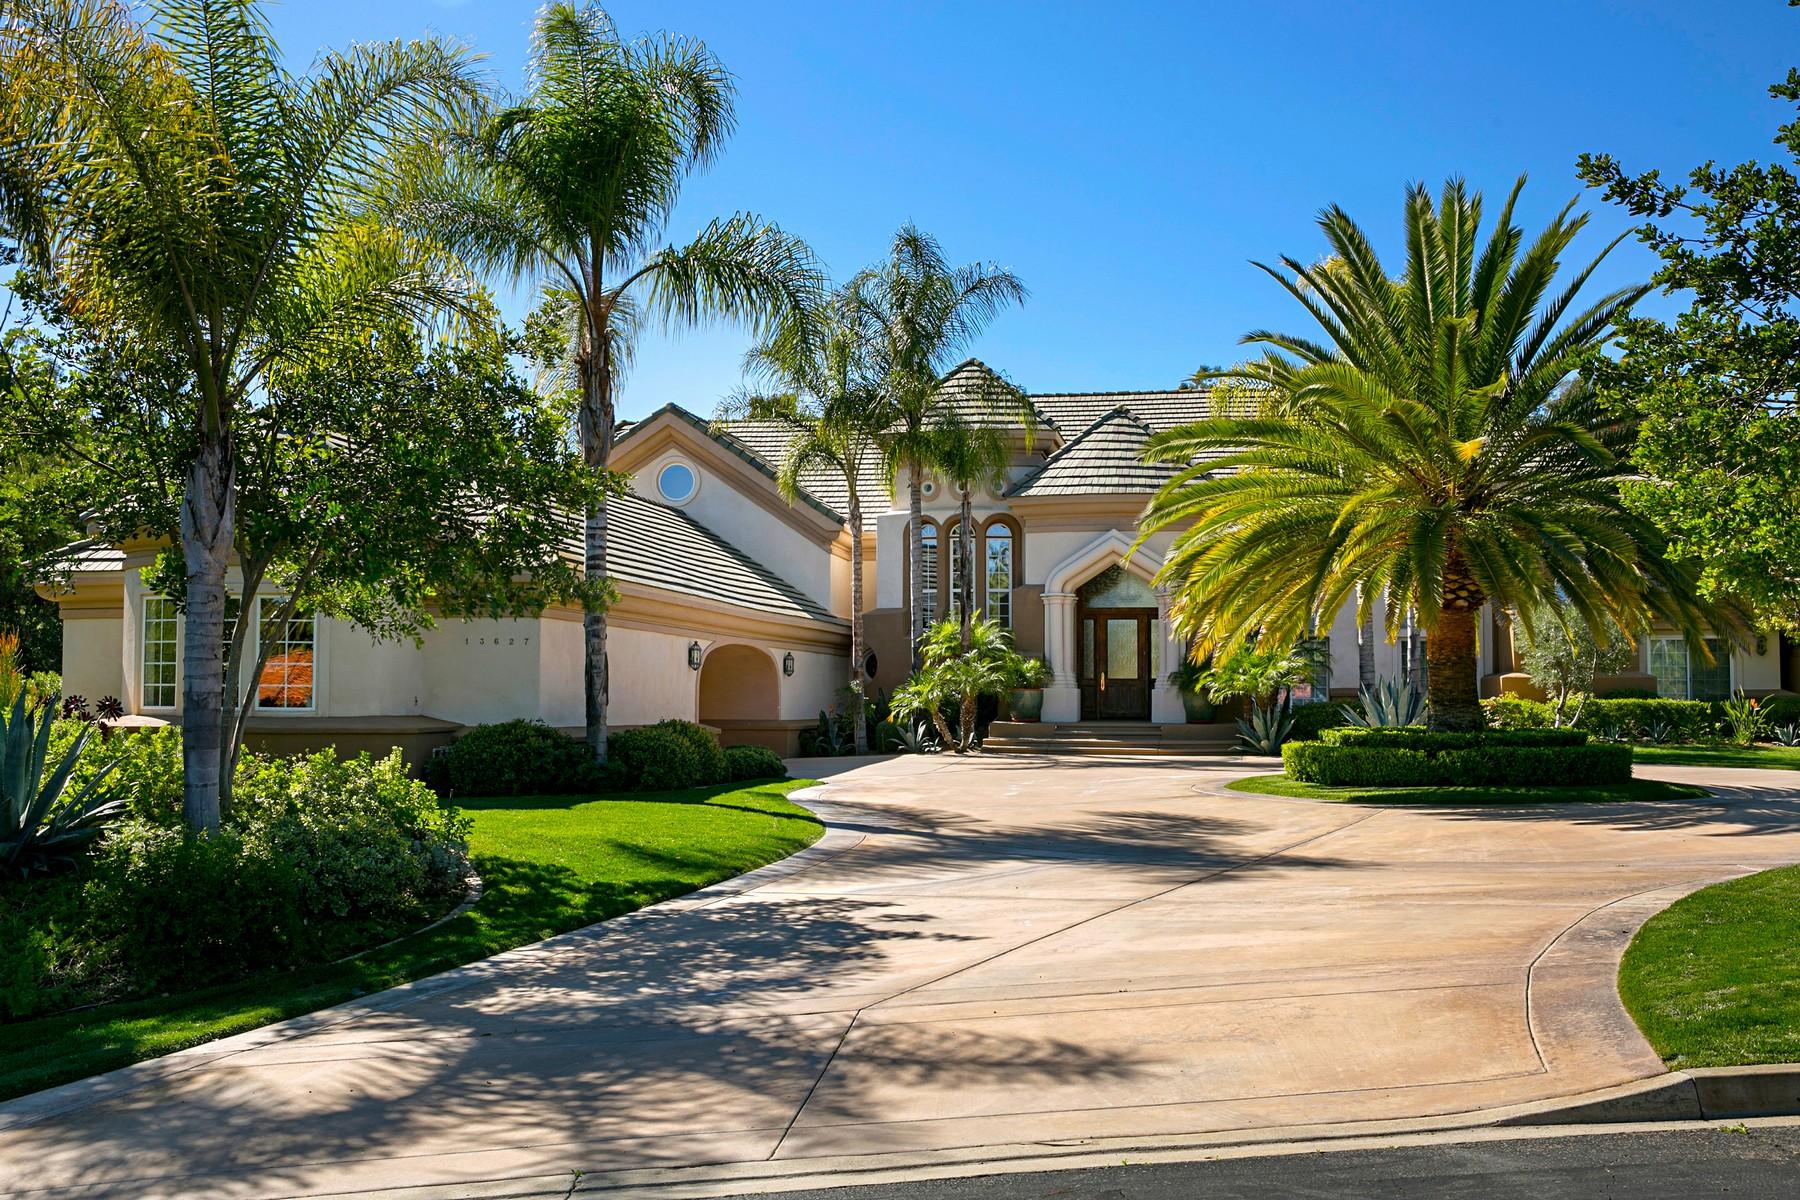 Casa Unifamiliar por un Venta en 13627 Paseo De La Huerta Poway, California, 92064 Estados Unidos